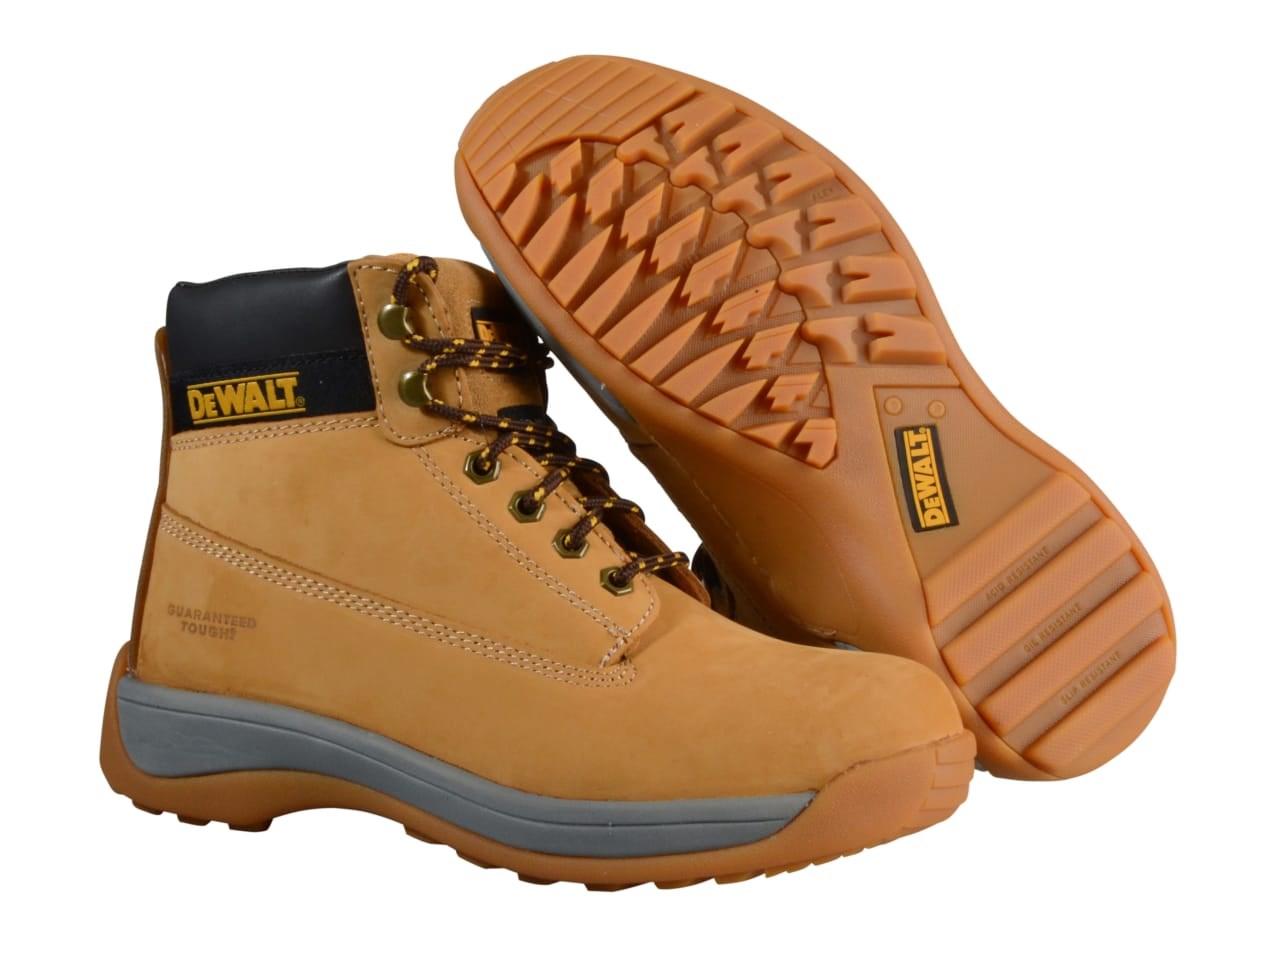 dd4756f2c3c3c7 DeWalt DWF-60011-103 Apprentice Wheat Nubuck Sports Boots 11 - 46